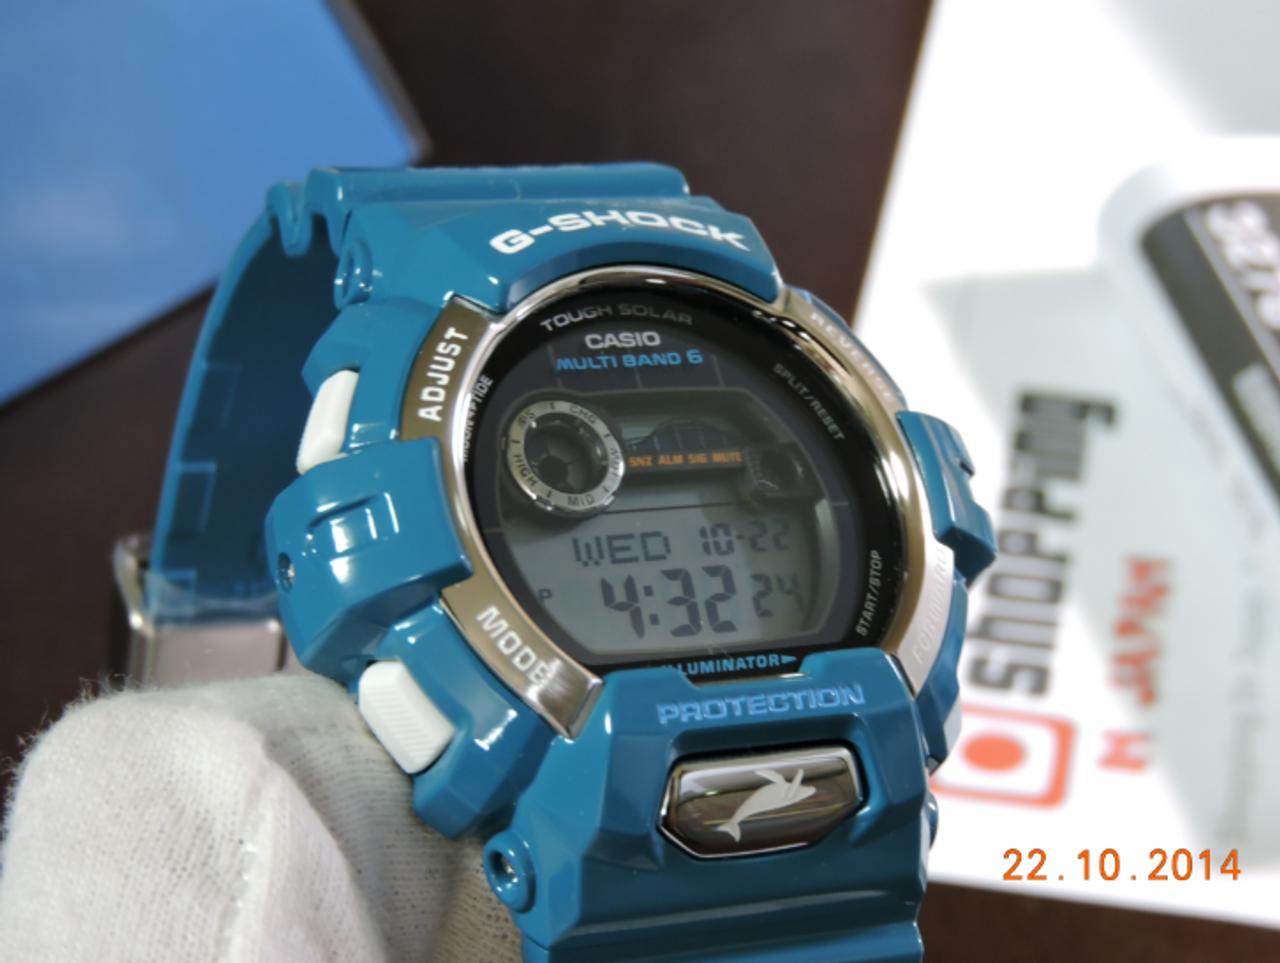 GWX-8900K-3JR